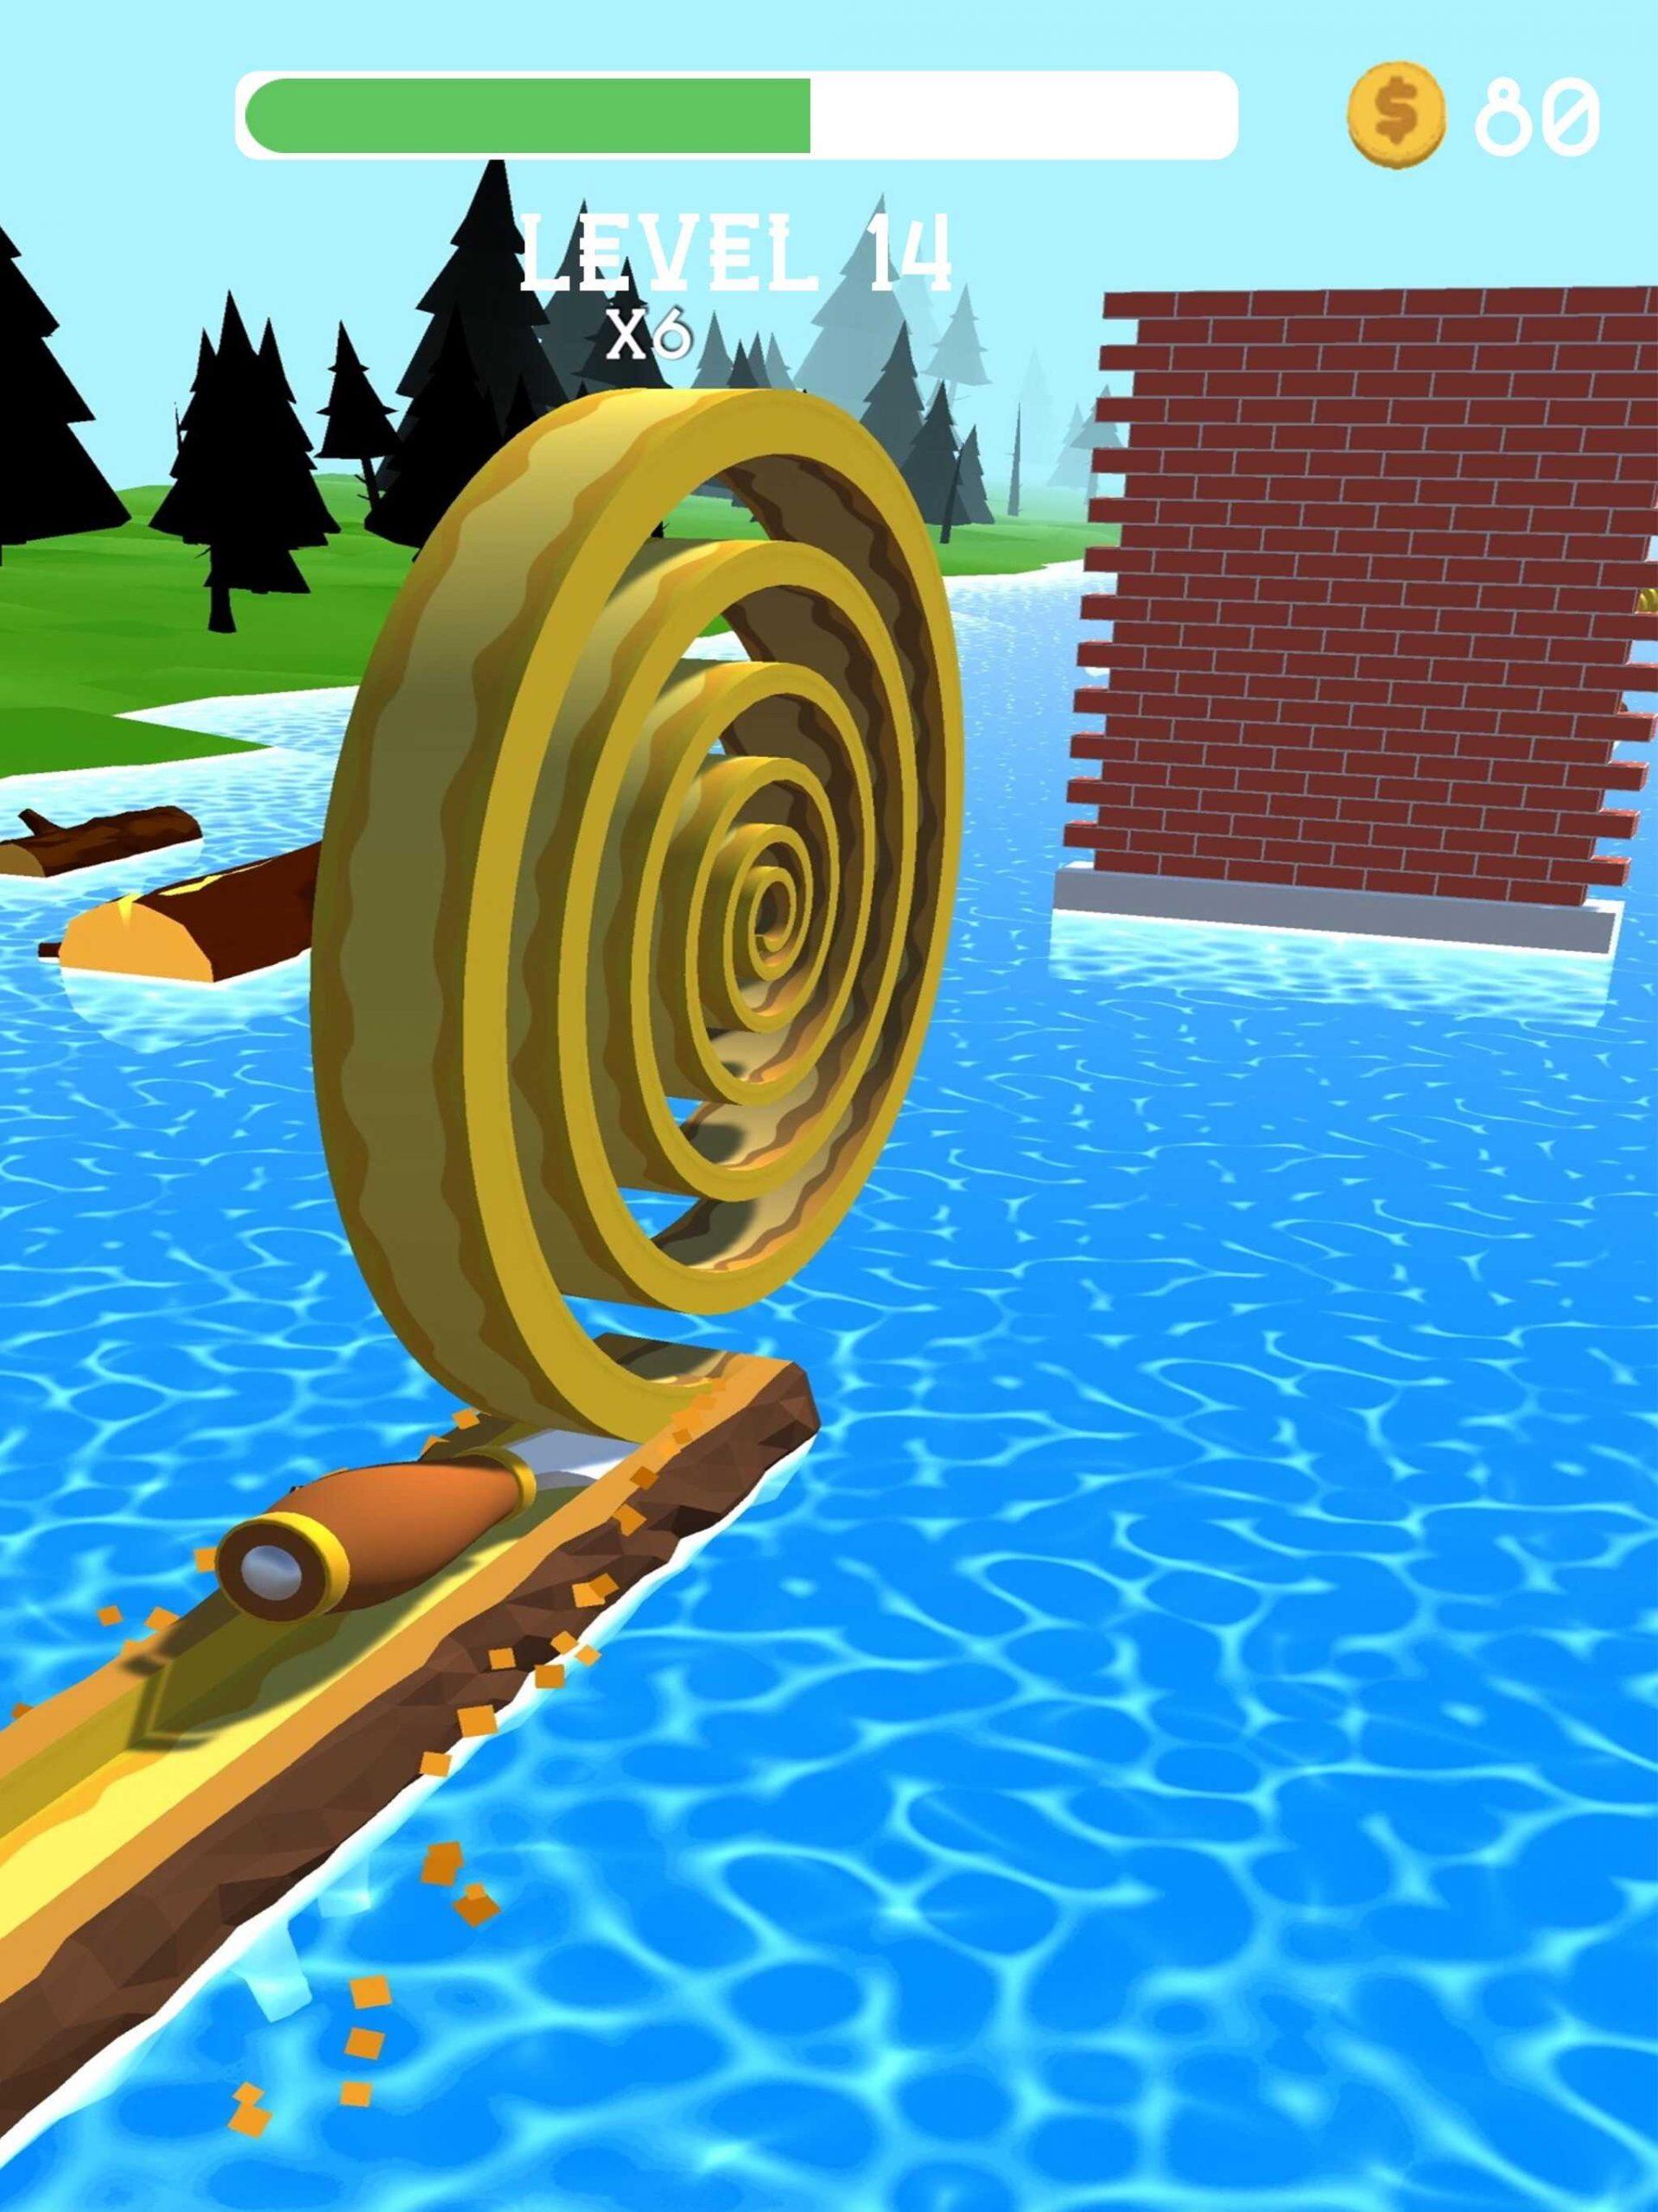 Spiral Rollってどんなハイパーカジュアルゲーム?